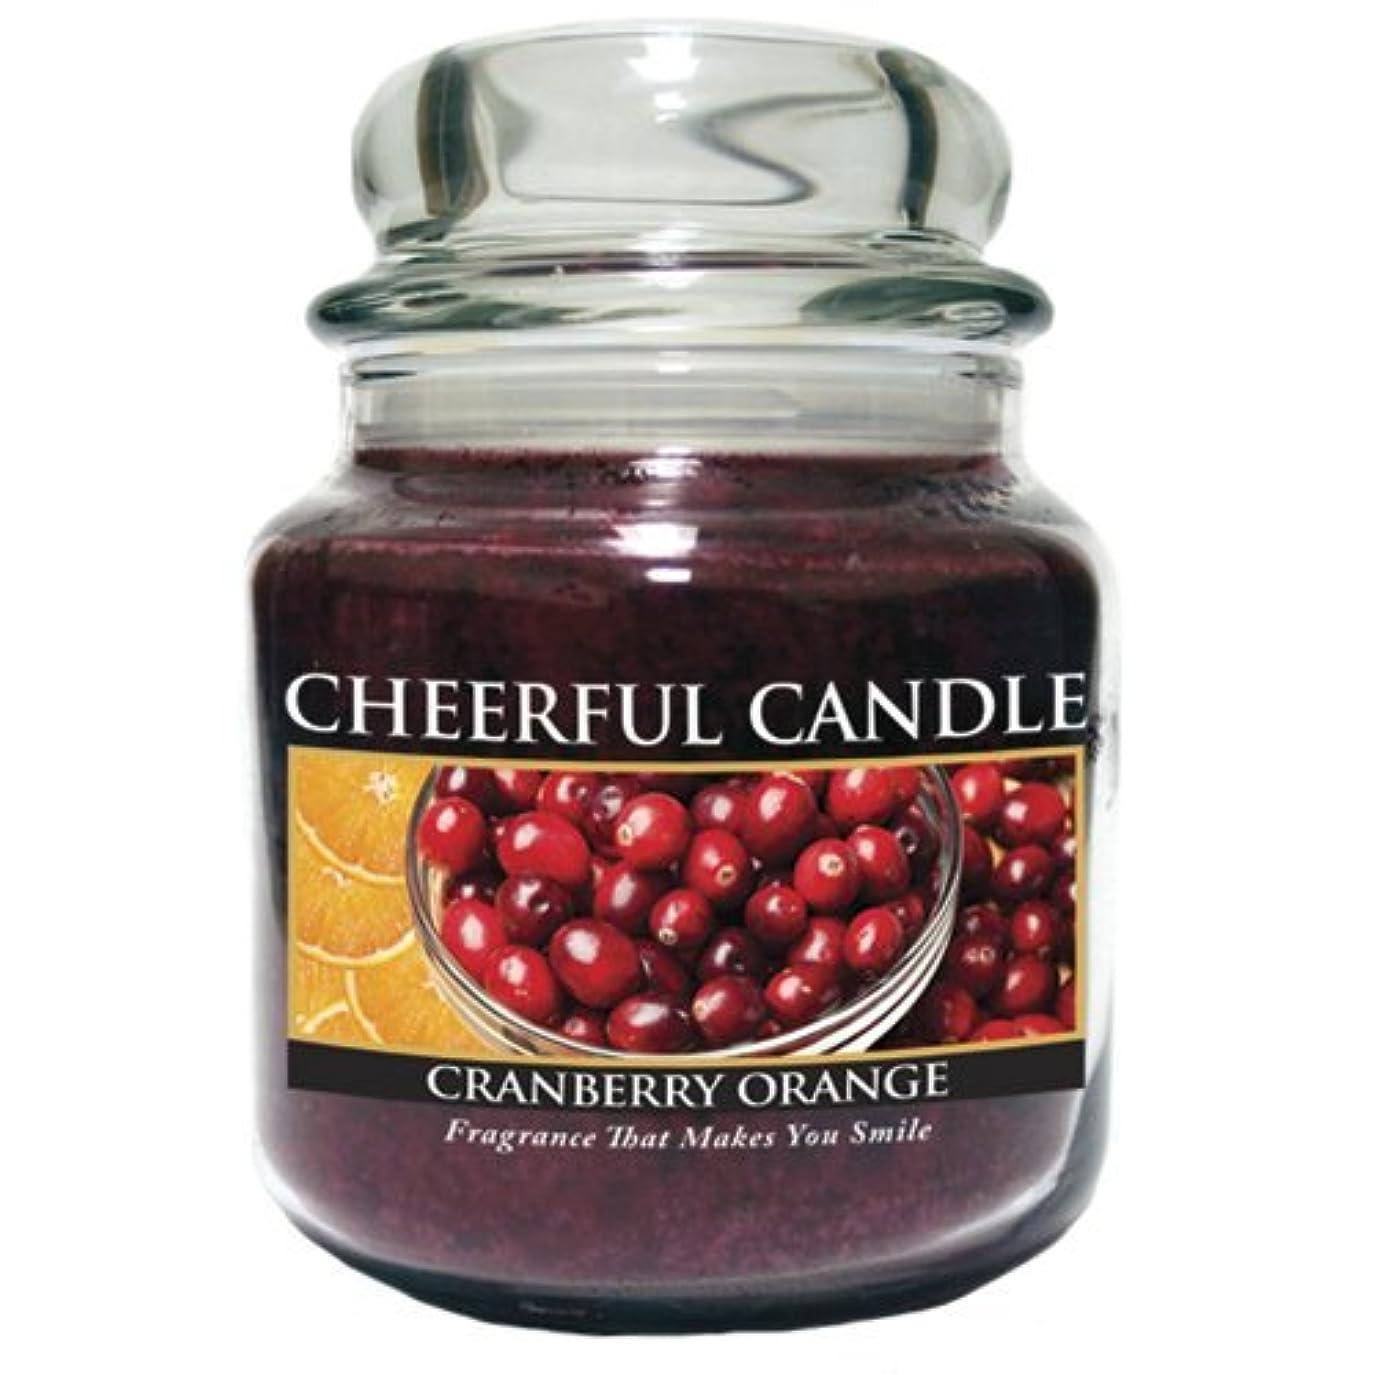 とげ市区町村リムA Cheerful Giver Cranberry Orange Jar Candle, 24-Ounce by Cheerful Giver [並行輸入品]